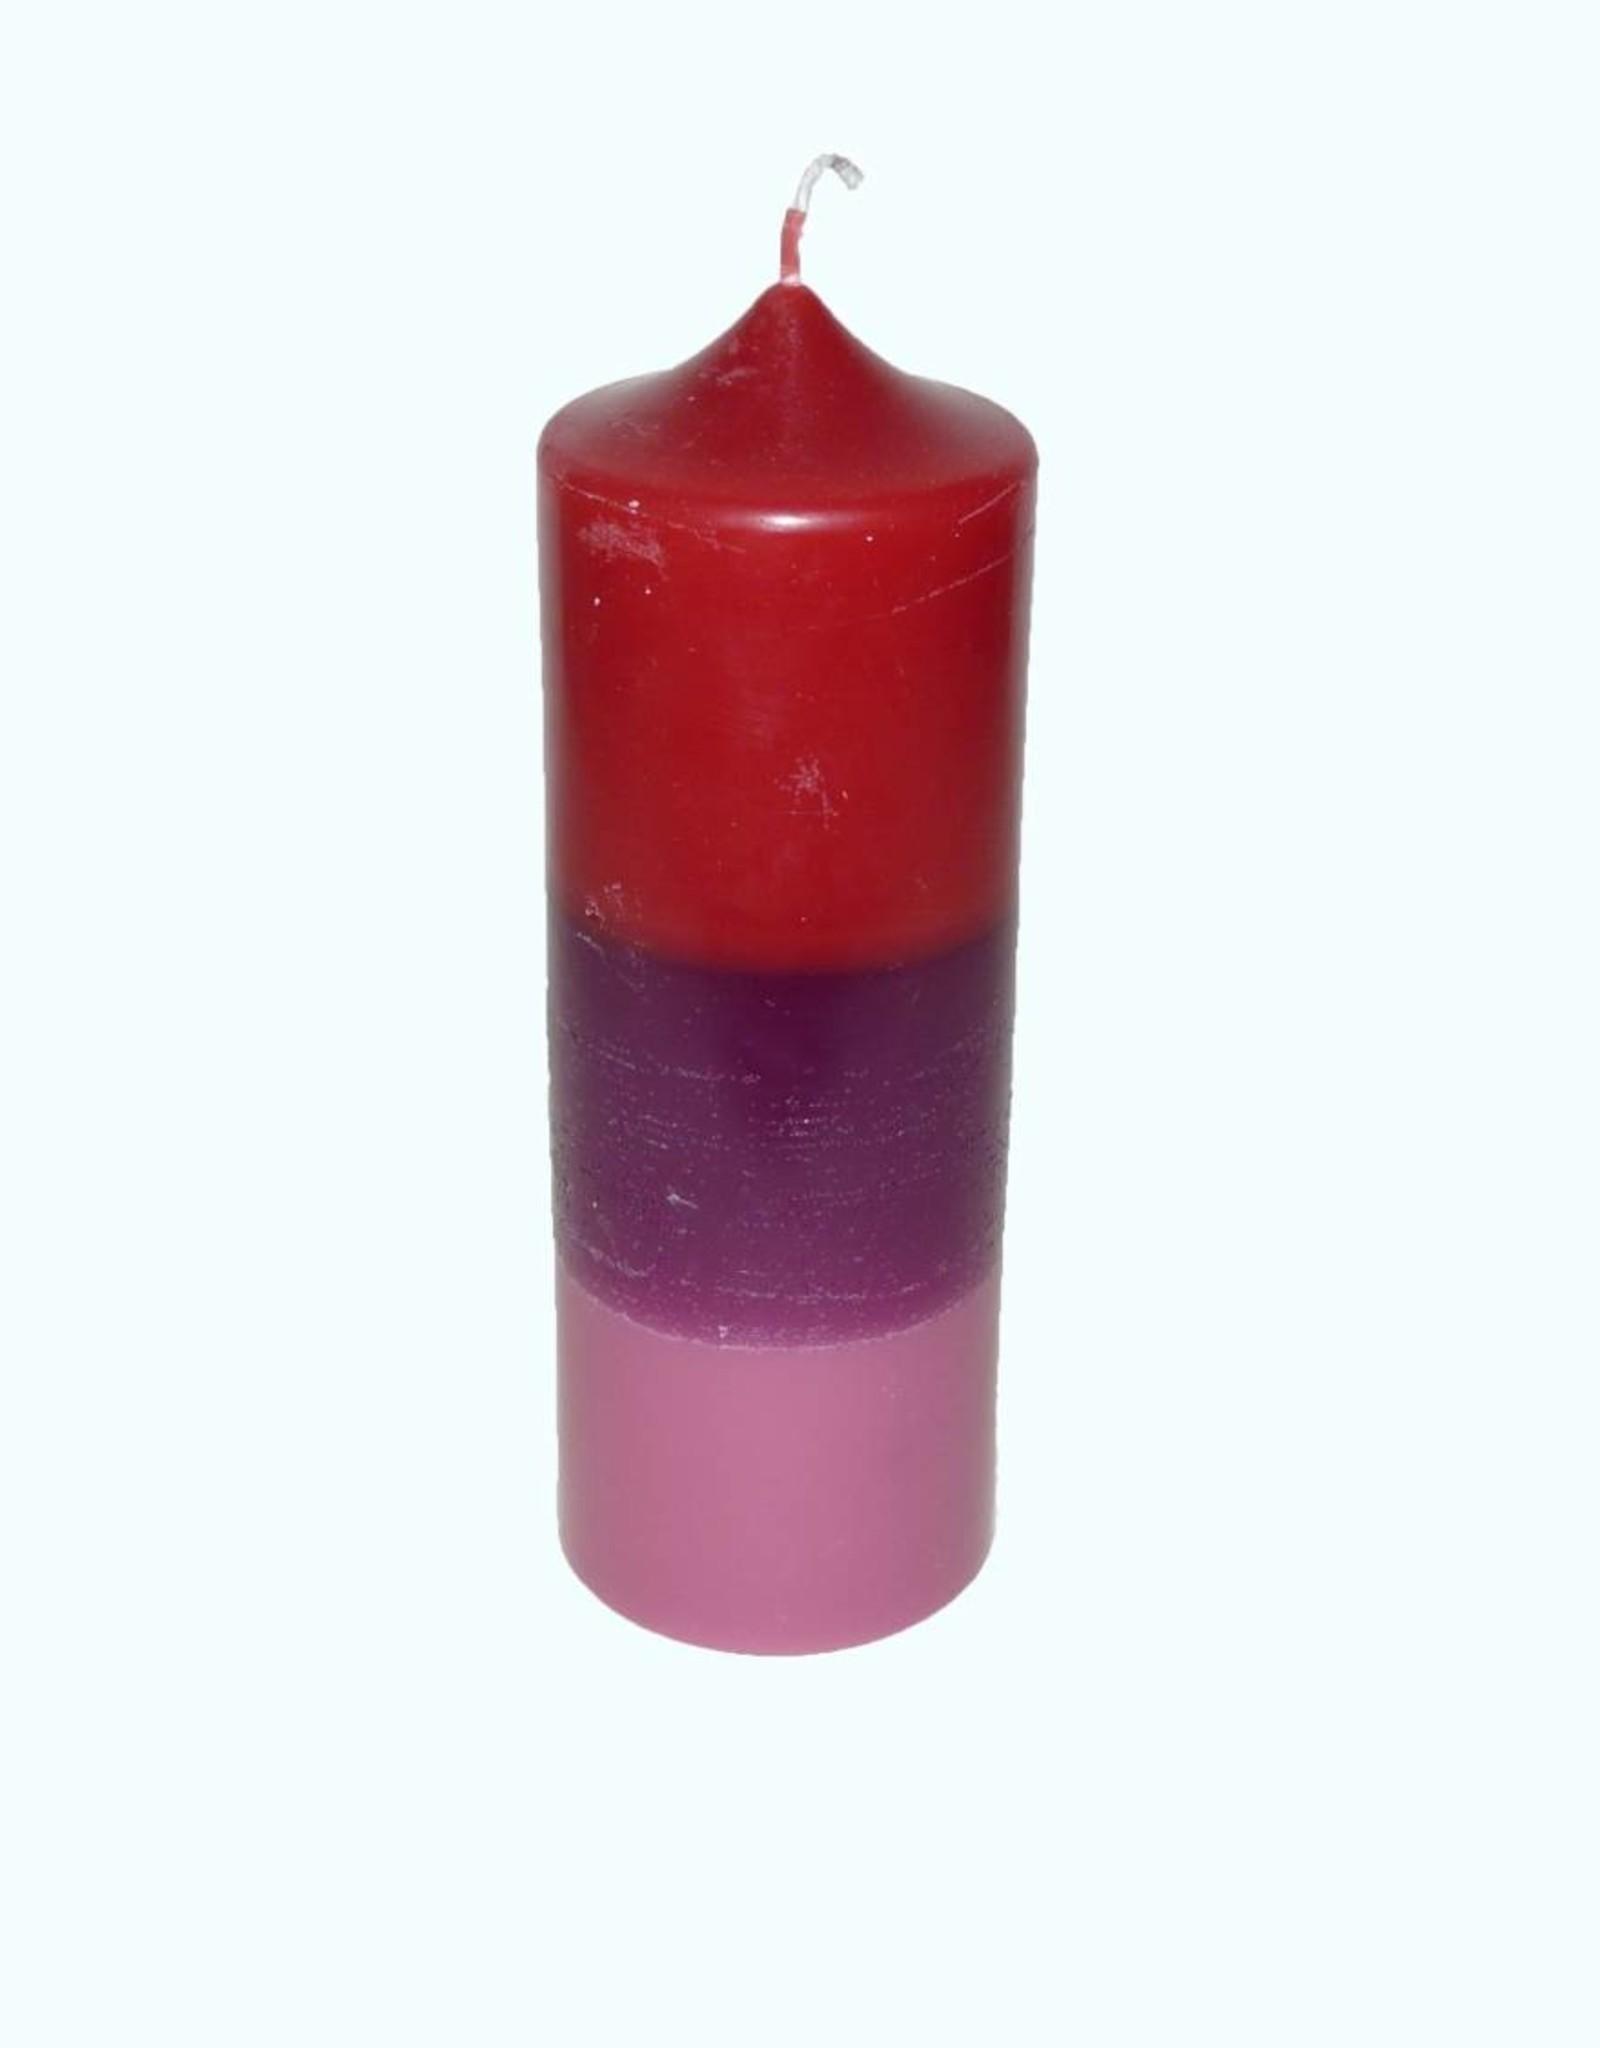 Sierkaars Tricolor Red-Purple-Pink Ø 7x20 cm